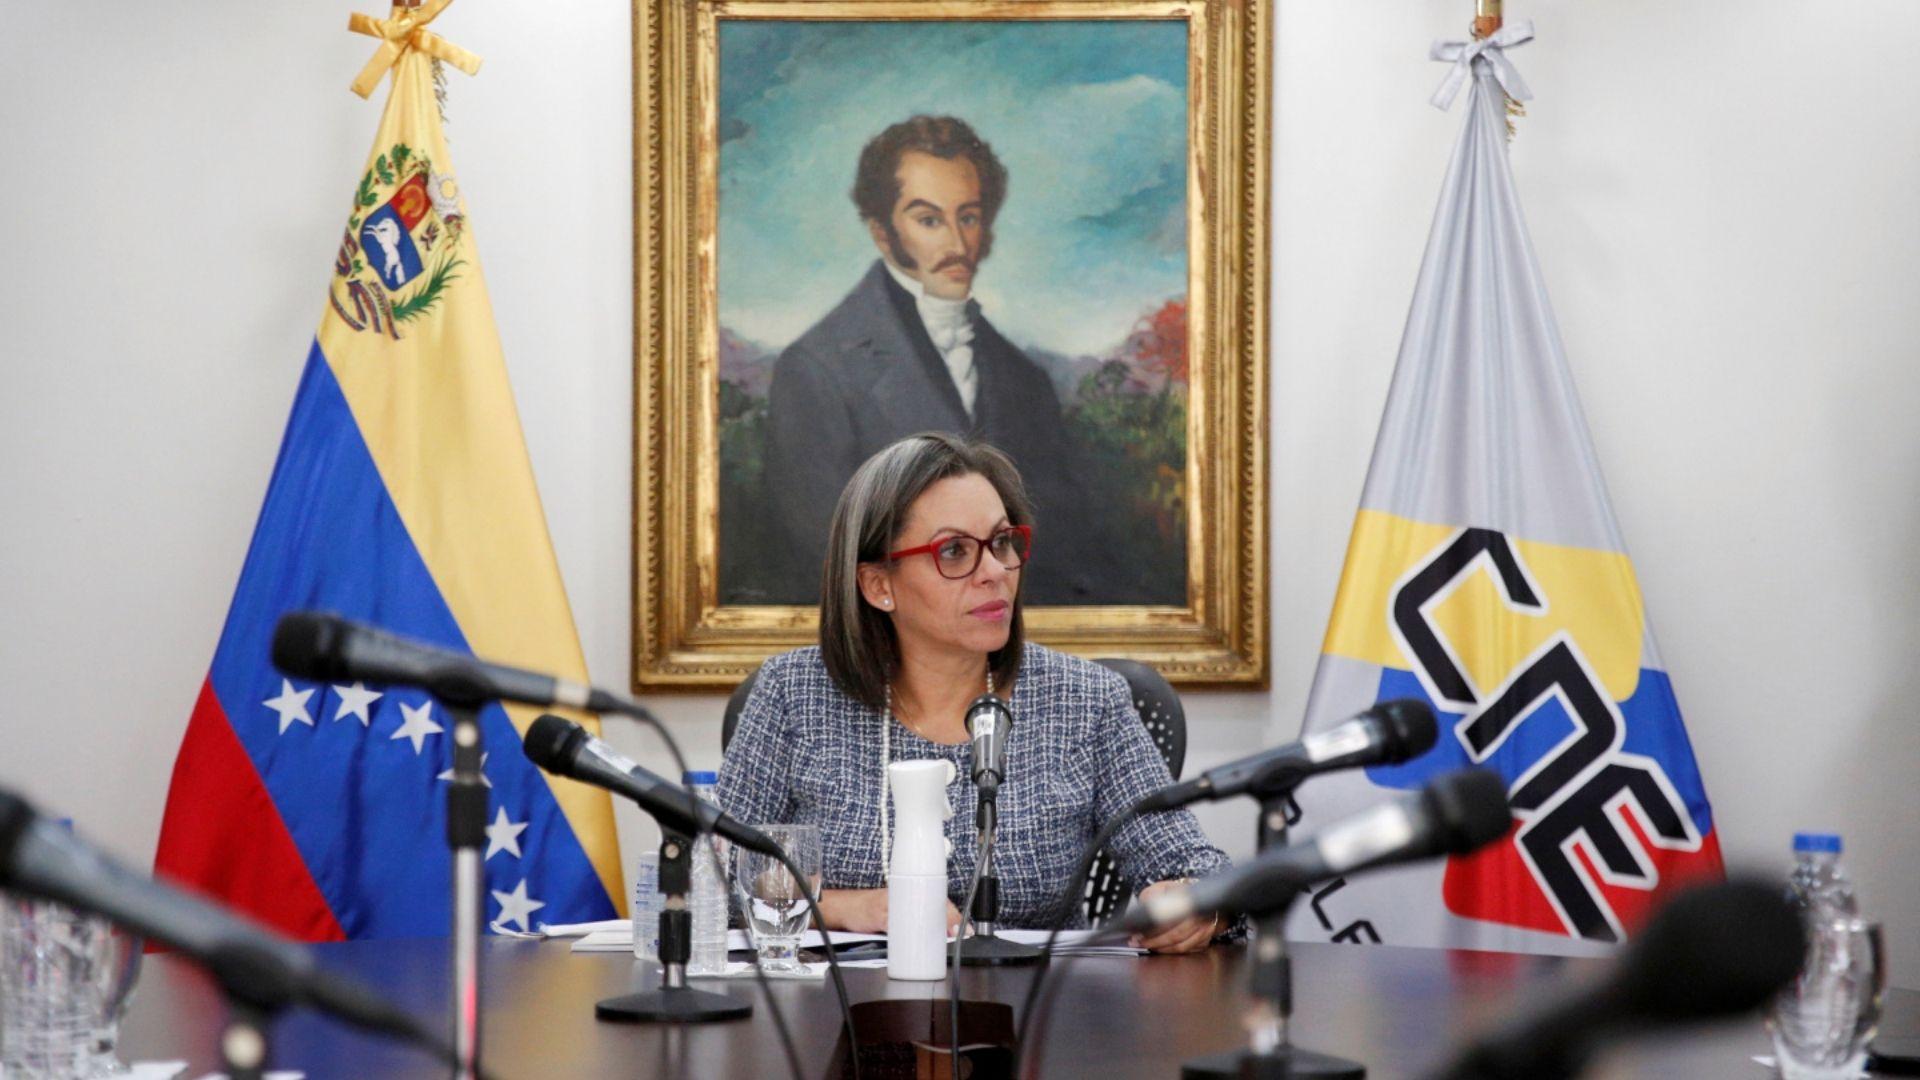 Indira Alfonzo: Las condiciones electorales son idénticas y mejores